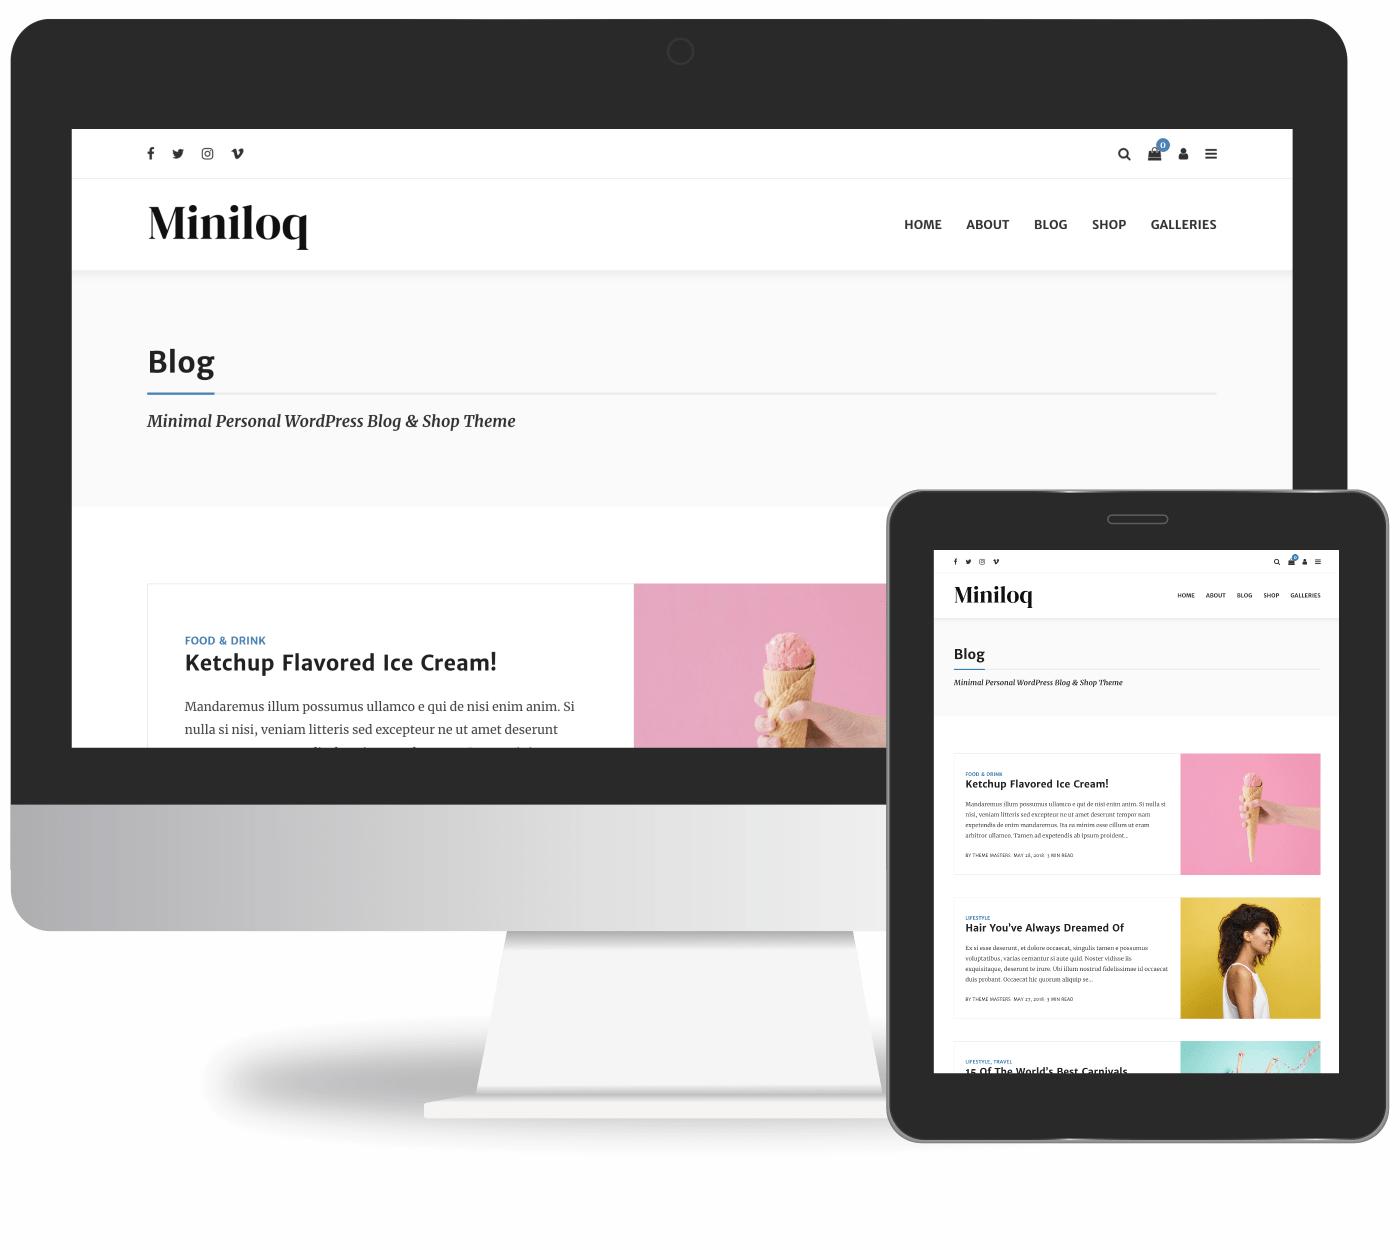 Miniloq - WordPress Blog & Shop Theme